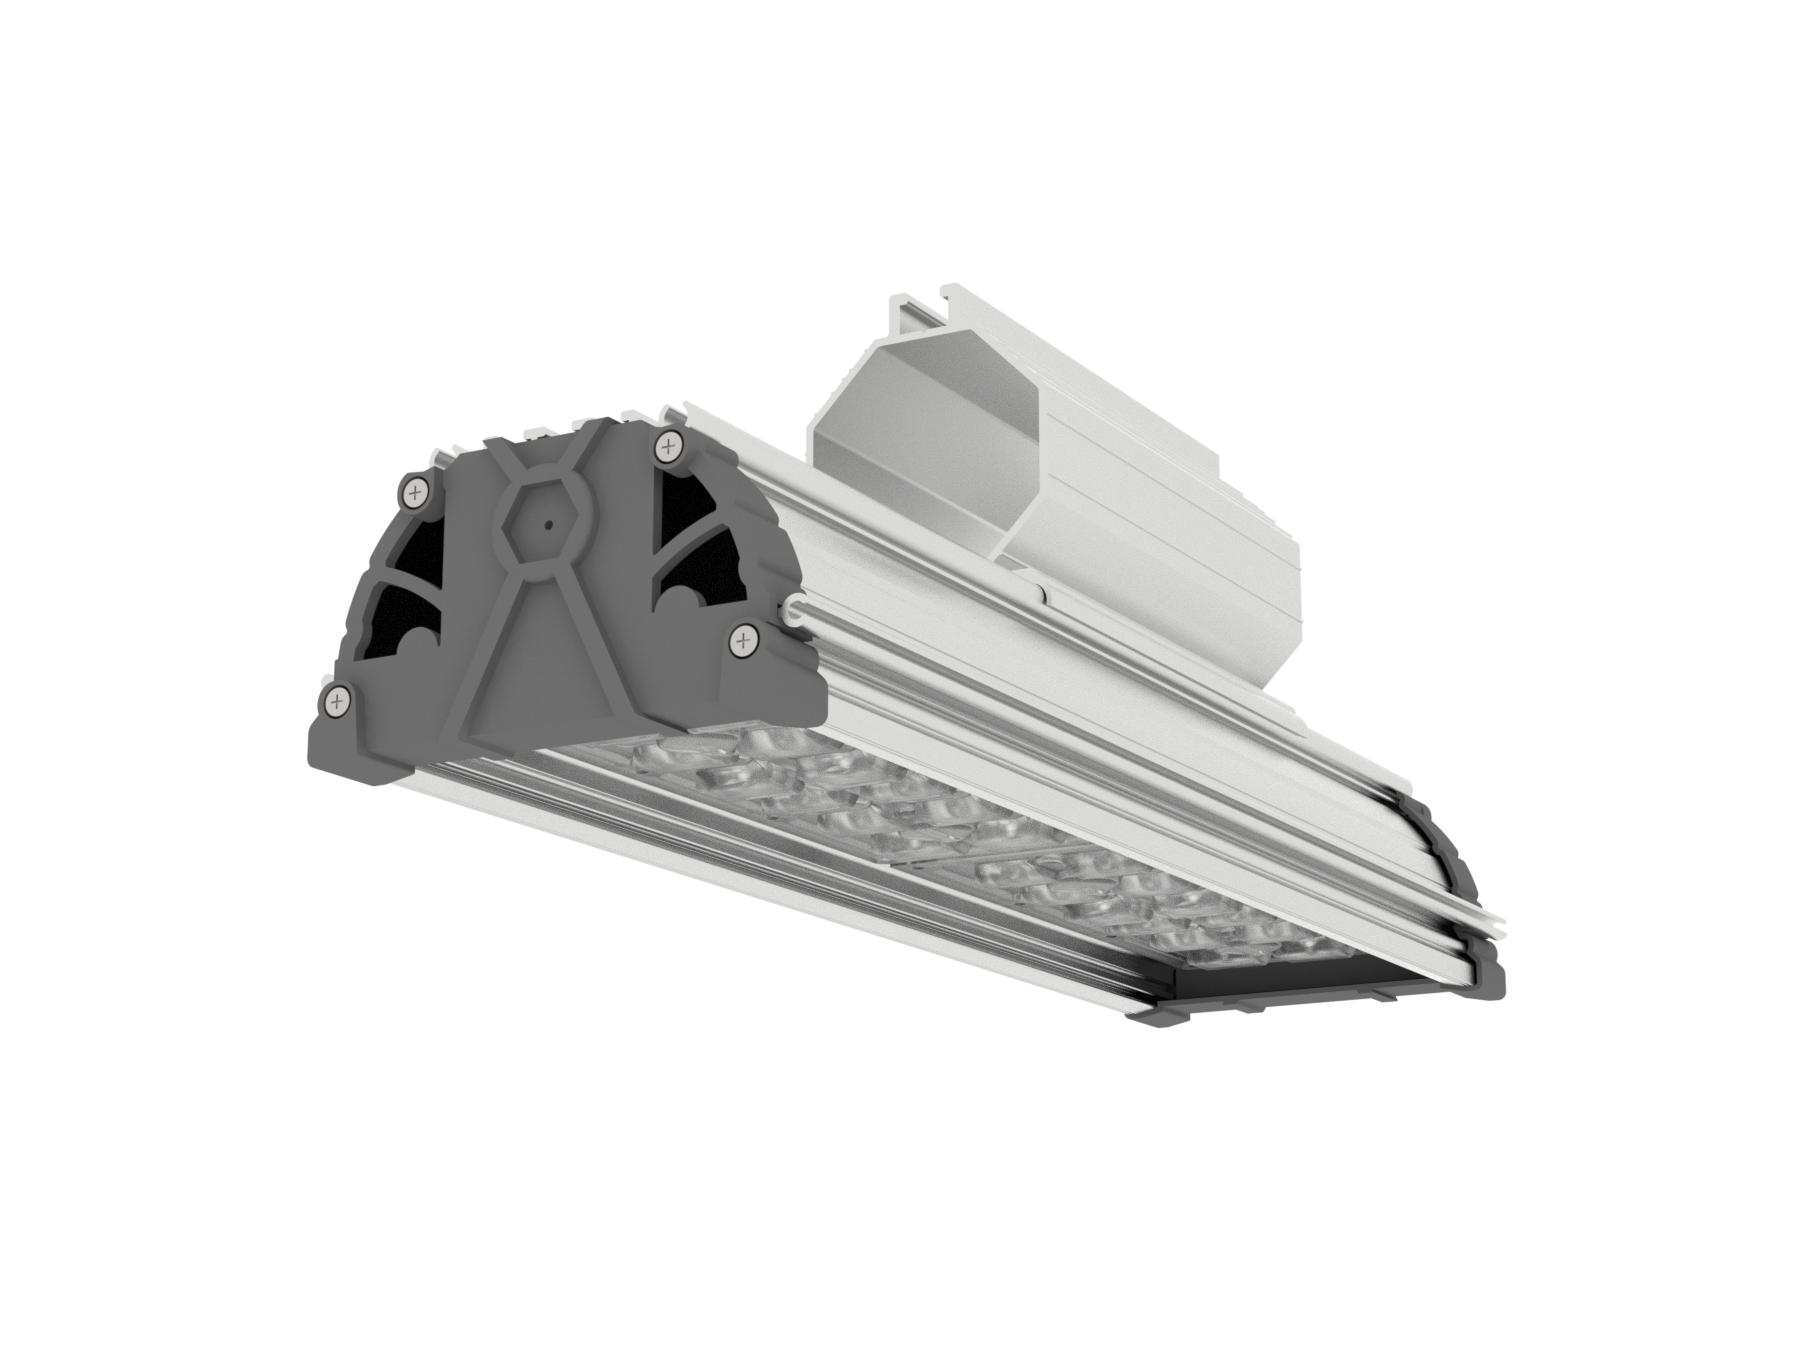 Уличный светодиодный светильник Сириус-80 80Вт 12992Лм